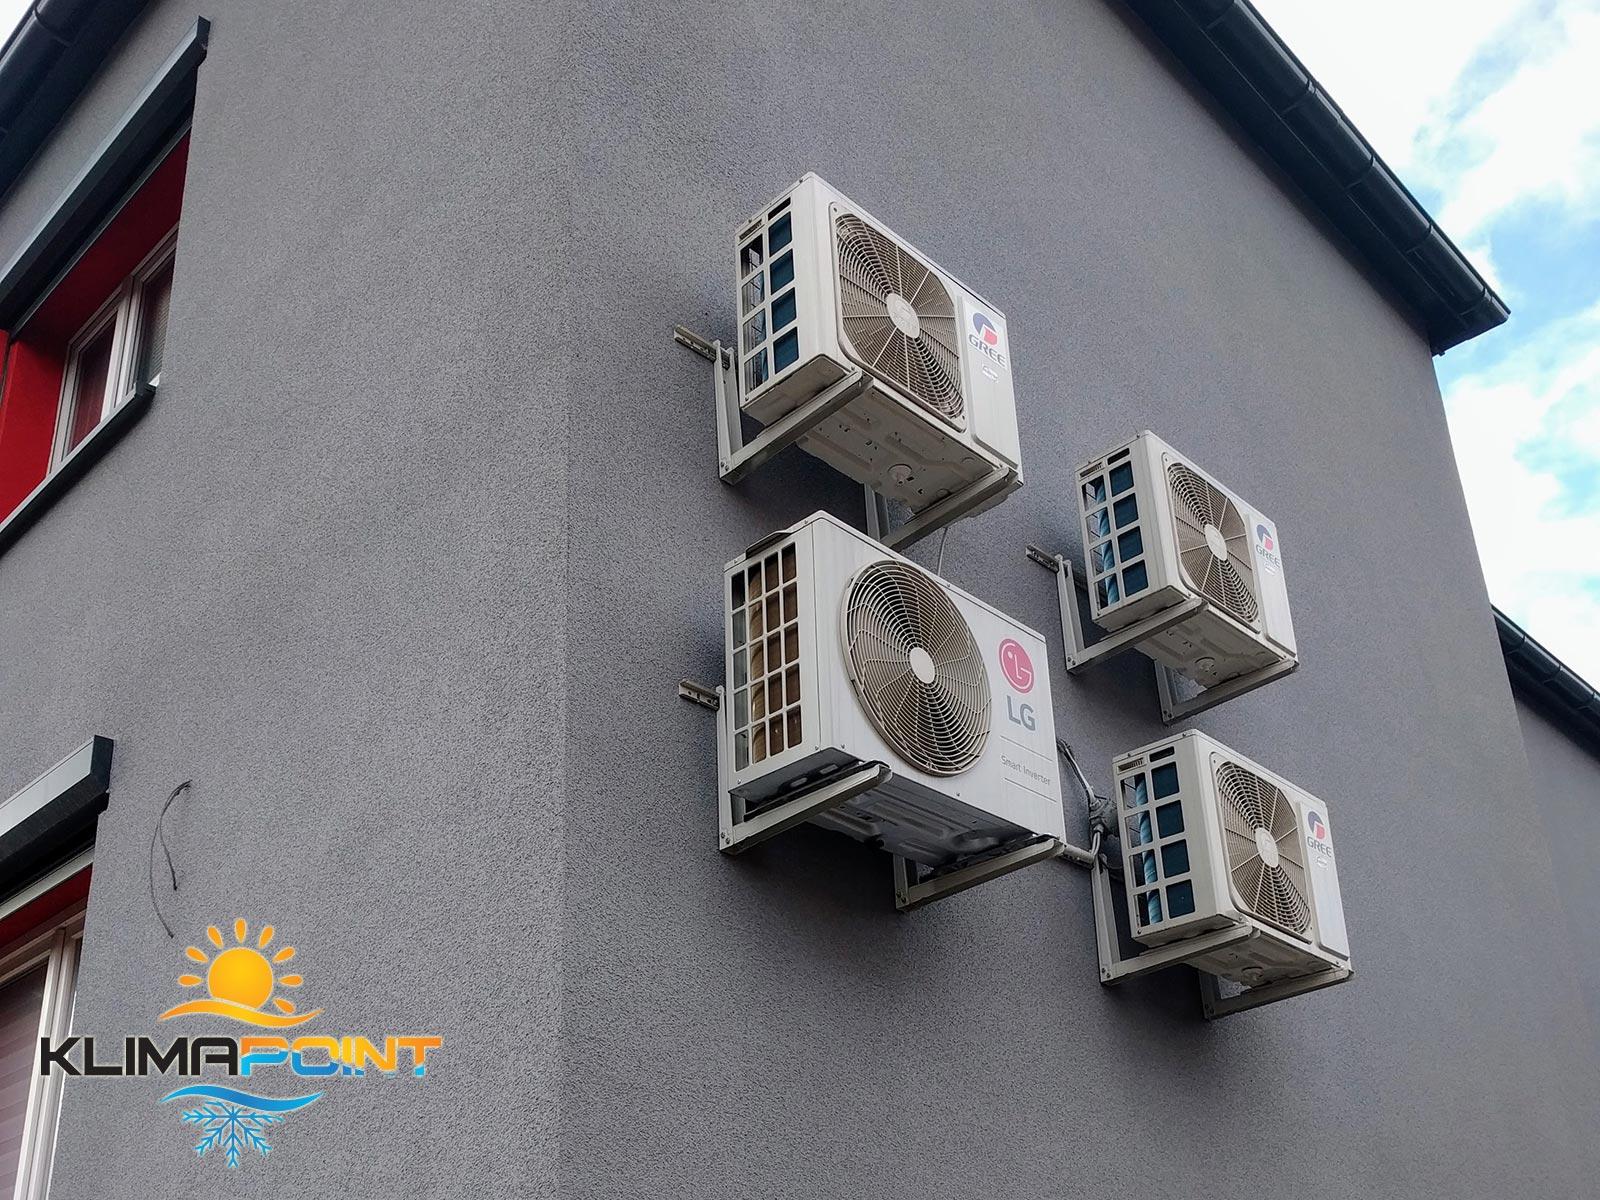 Jednostki zewnętrzne klimatyzatorów GREE i LG na elewacji